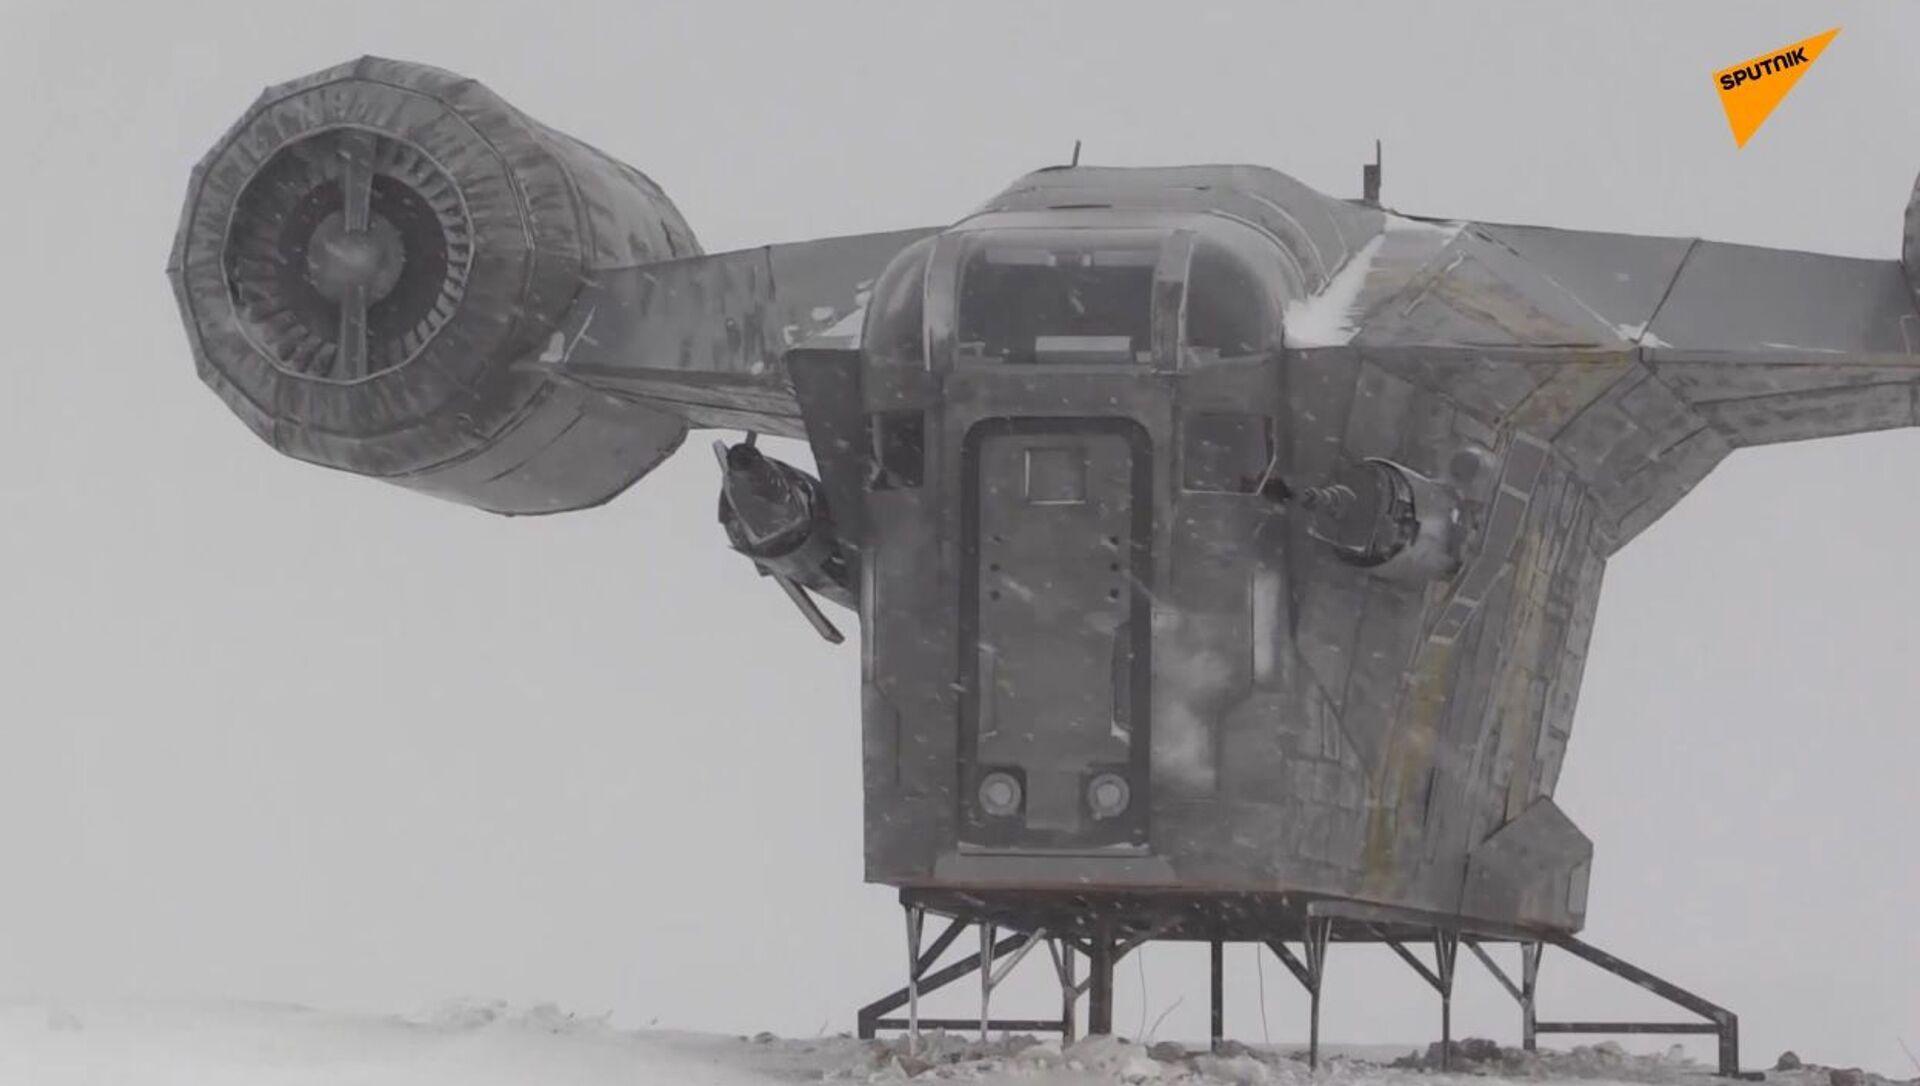 Star Wars, fan costruisce una replica dell'astronave di The Mandalorian in Siberia - Sputnik Italia, 1920, 12.03.2021